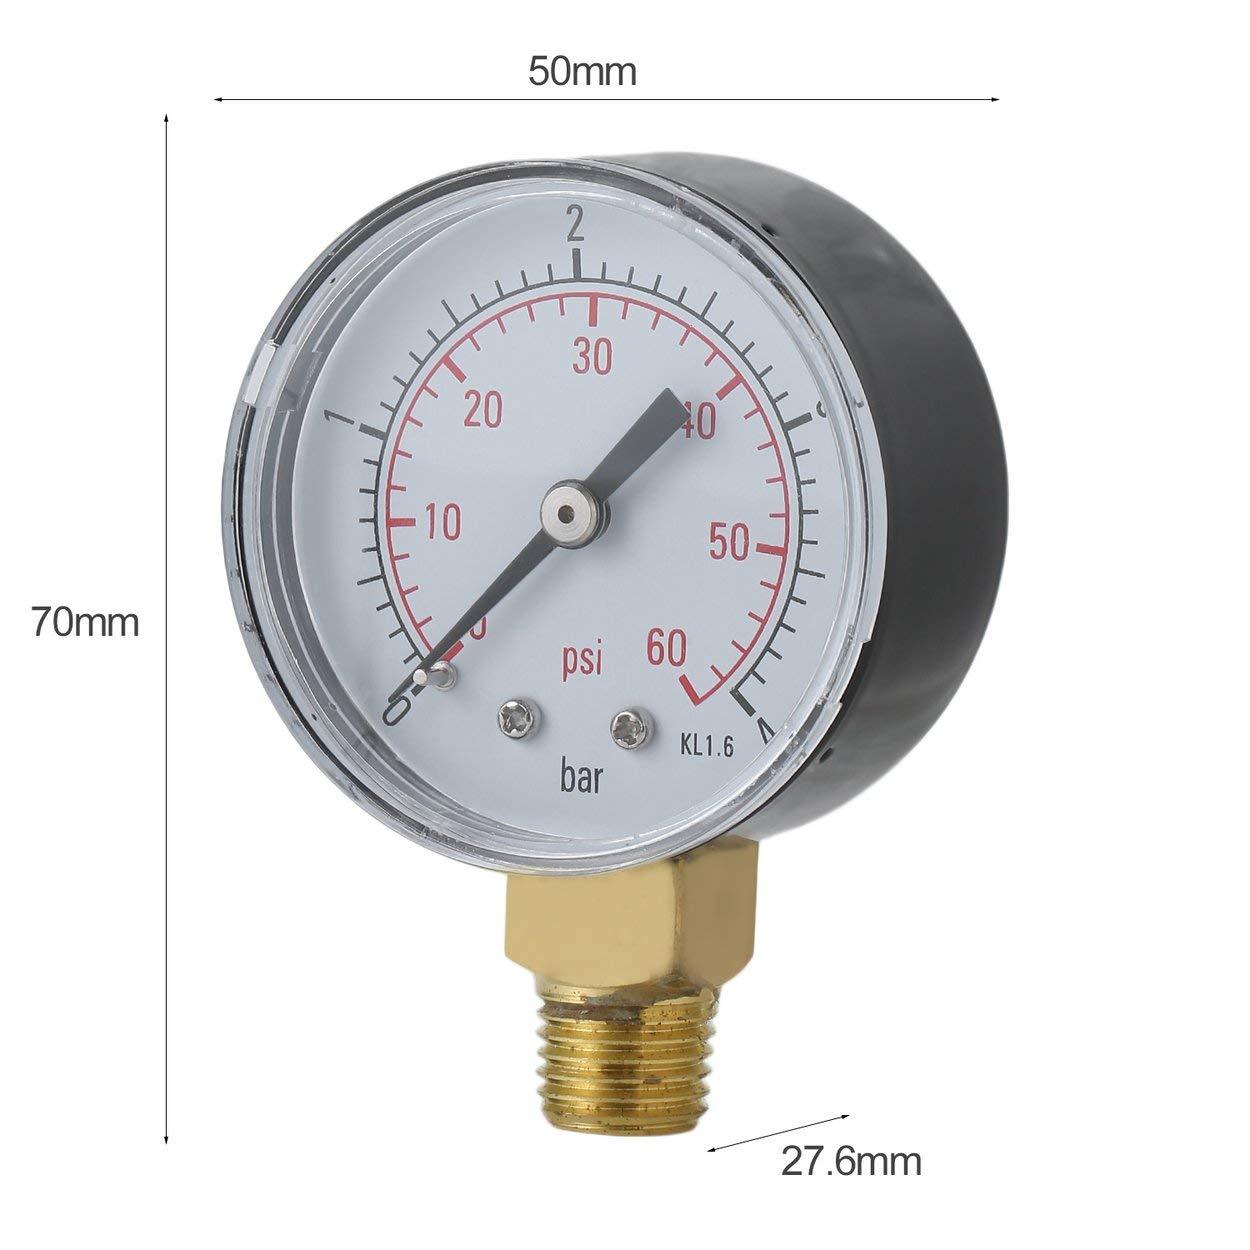 Lorenlli Manom/ètre de pression deau pour filtre de spa de piscine pratique Mini 0-60 PSI 0-4 Bar Montage lat/éral 1//4 pouce Filetage de tuyau NPT TS-50